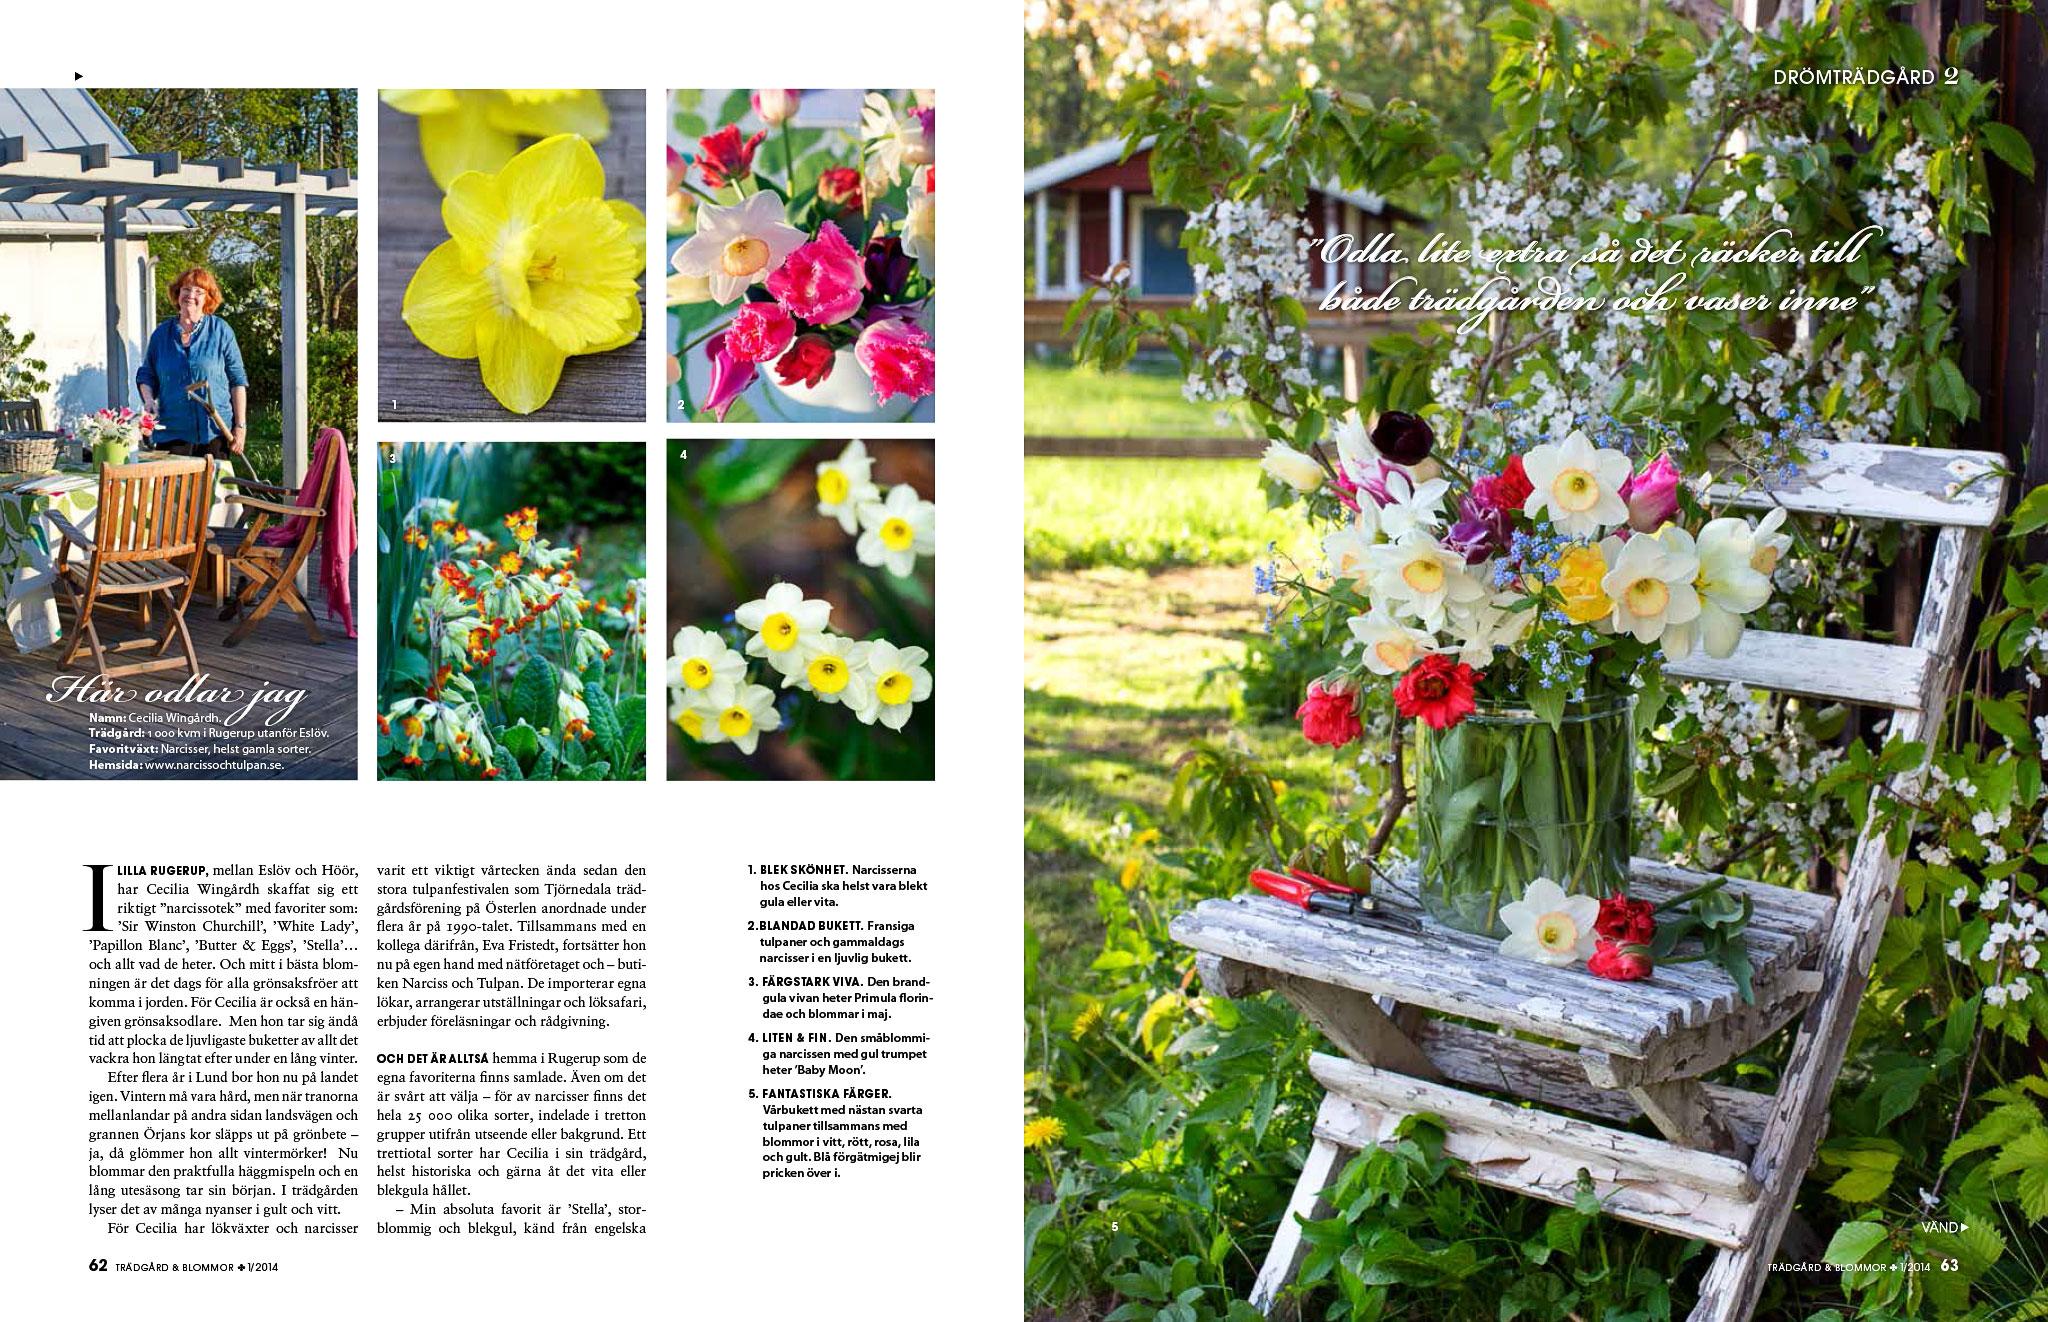 Trädgård & blommor 1/2014